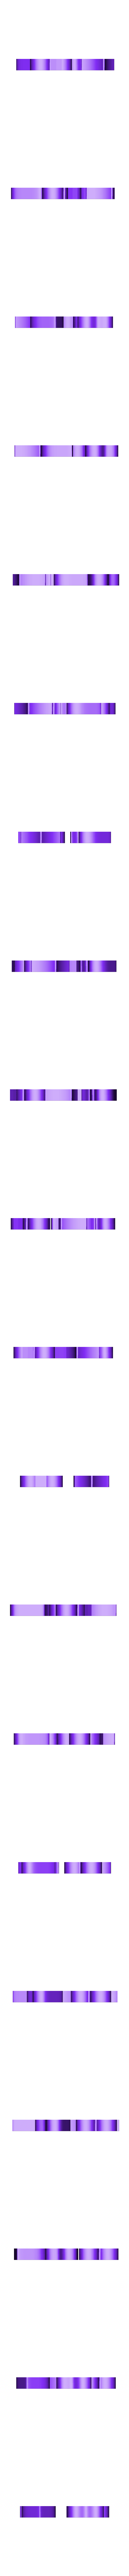 AllSOLID.stl Download free STL file Cards Cookie Cutters (4 Pack) • 3D print design, Jdog